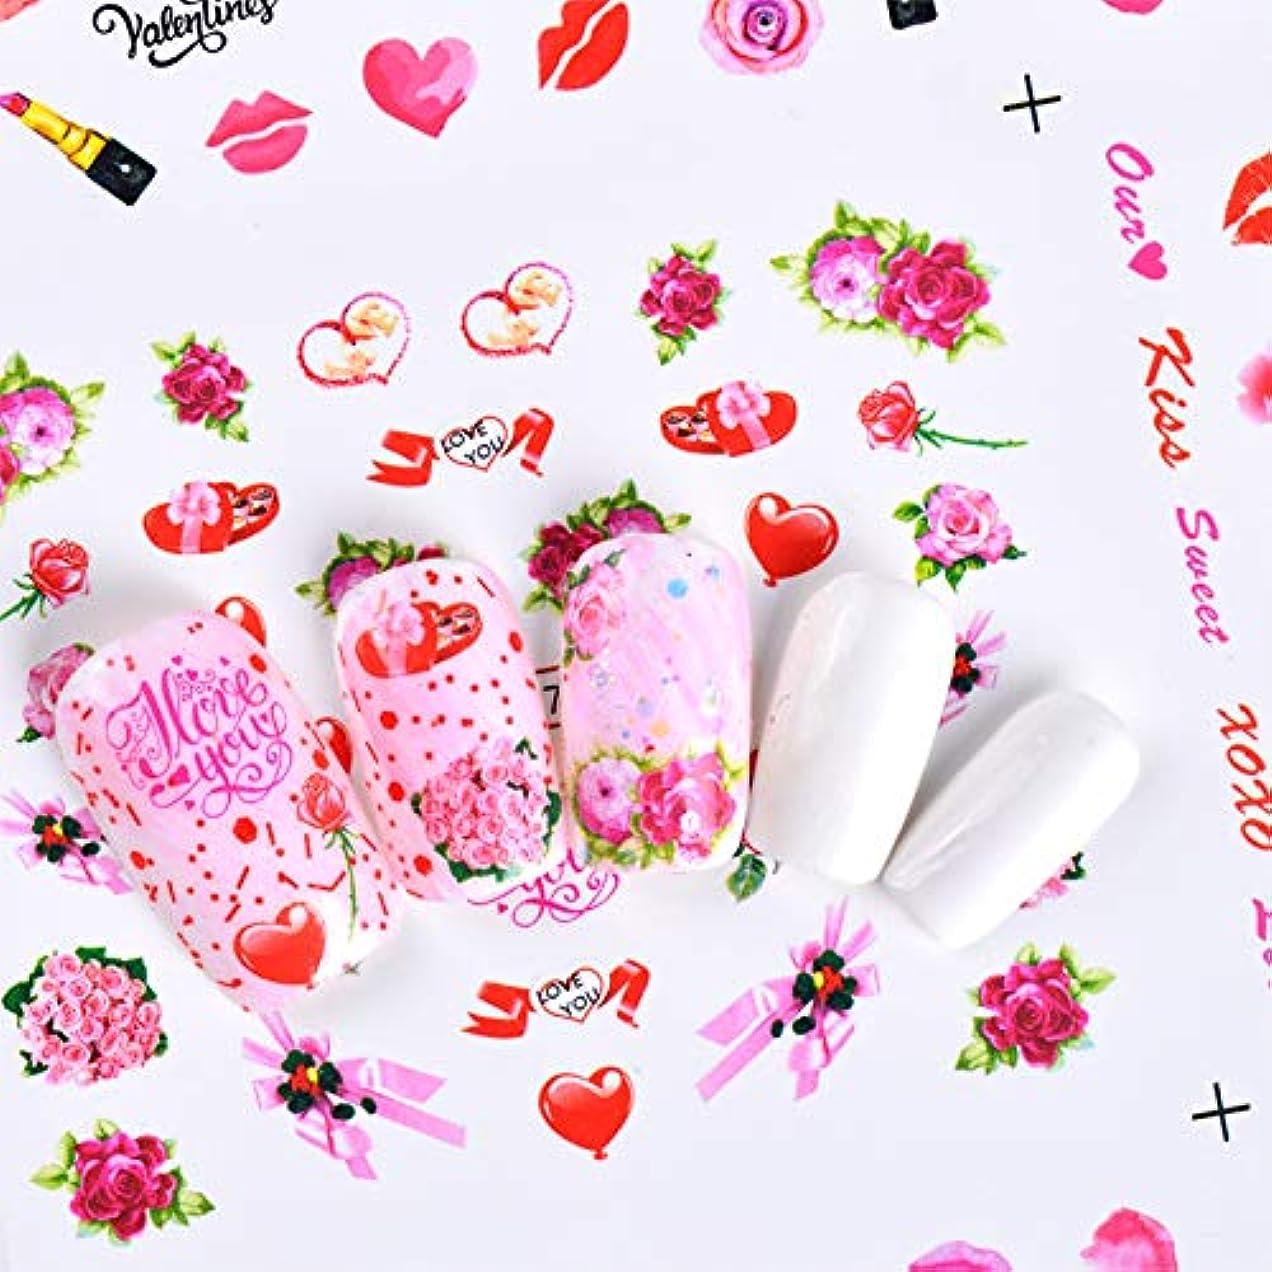 再開まっすぐにする追放するSUKTI&XIAO ネイルステッカー 12デザインロマンチックなローズハートネイルアート水花フローラ美容転送ステッカーデカールラップマニキュア装飾ツール